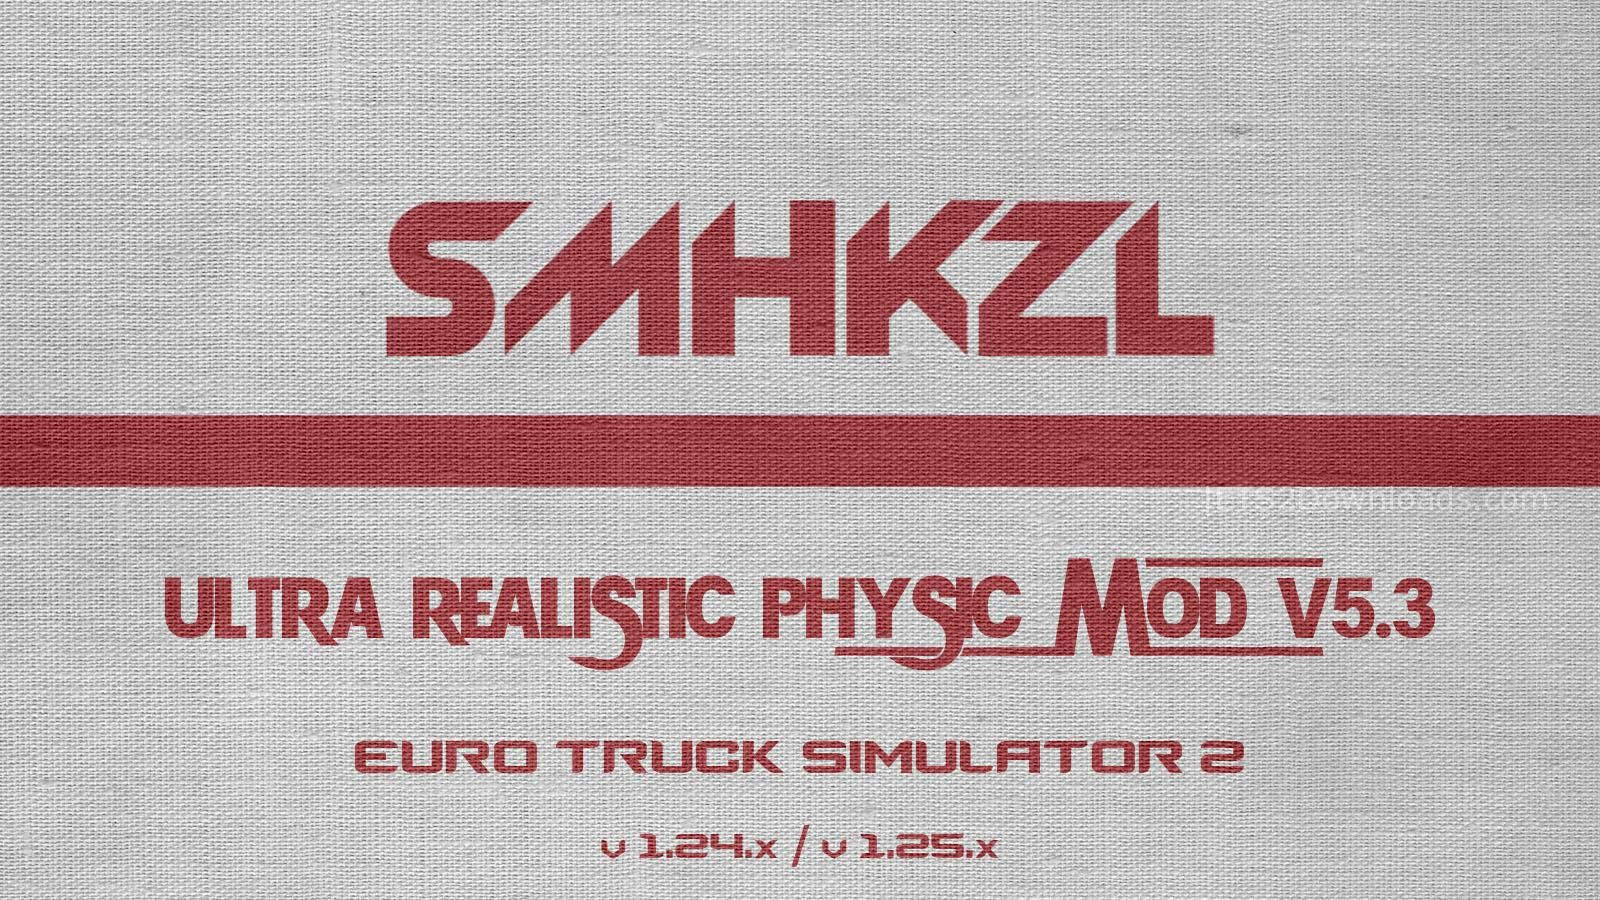 u-r-physic-mod-1